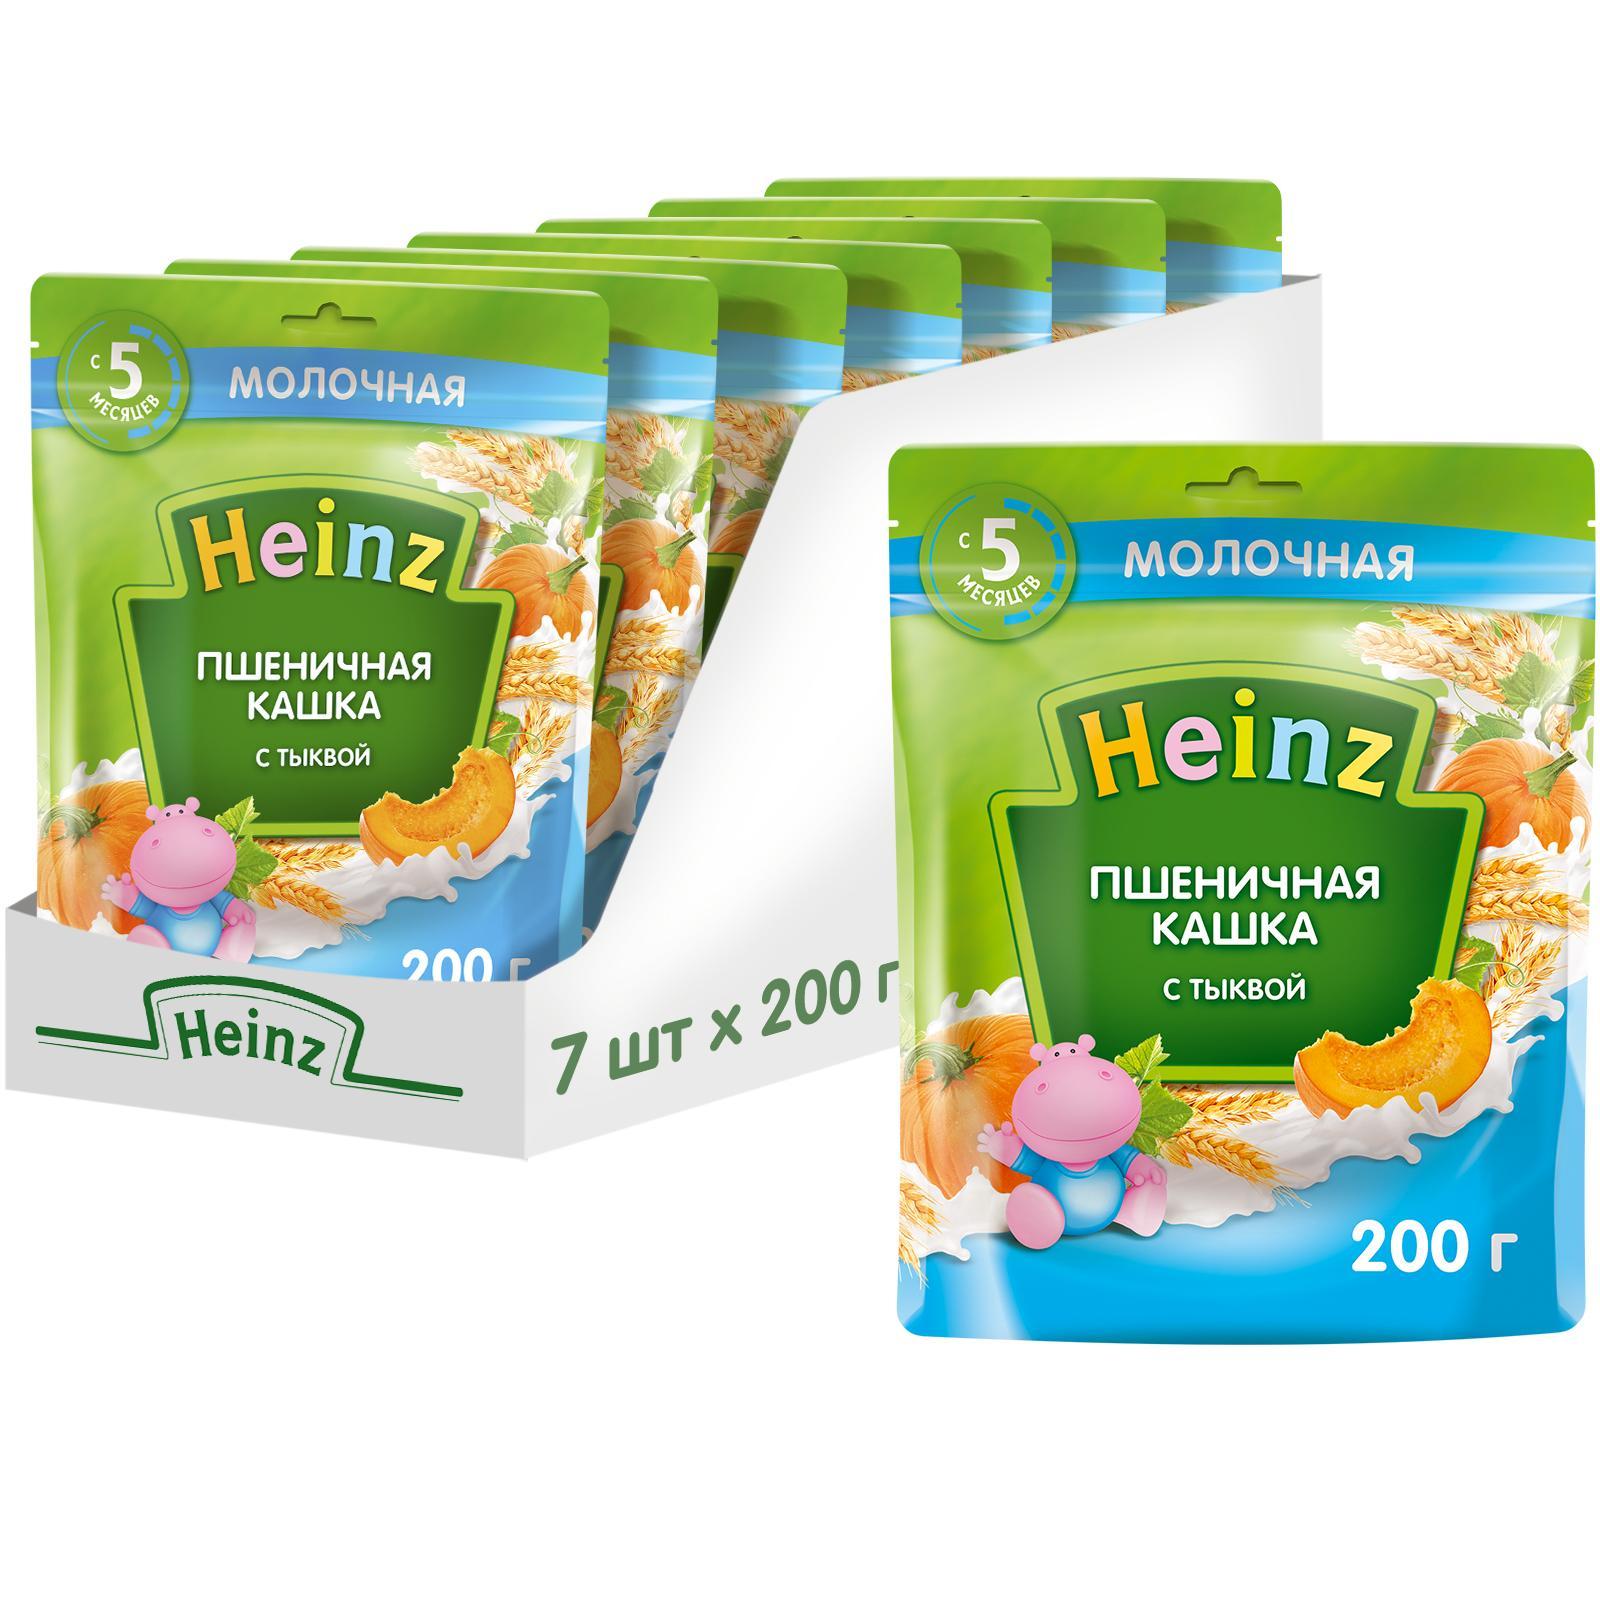 Купить Каша Heinz Молочная пшеничная с тыквой с Омега 3 с 5 мес 200 г 7шт.,